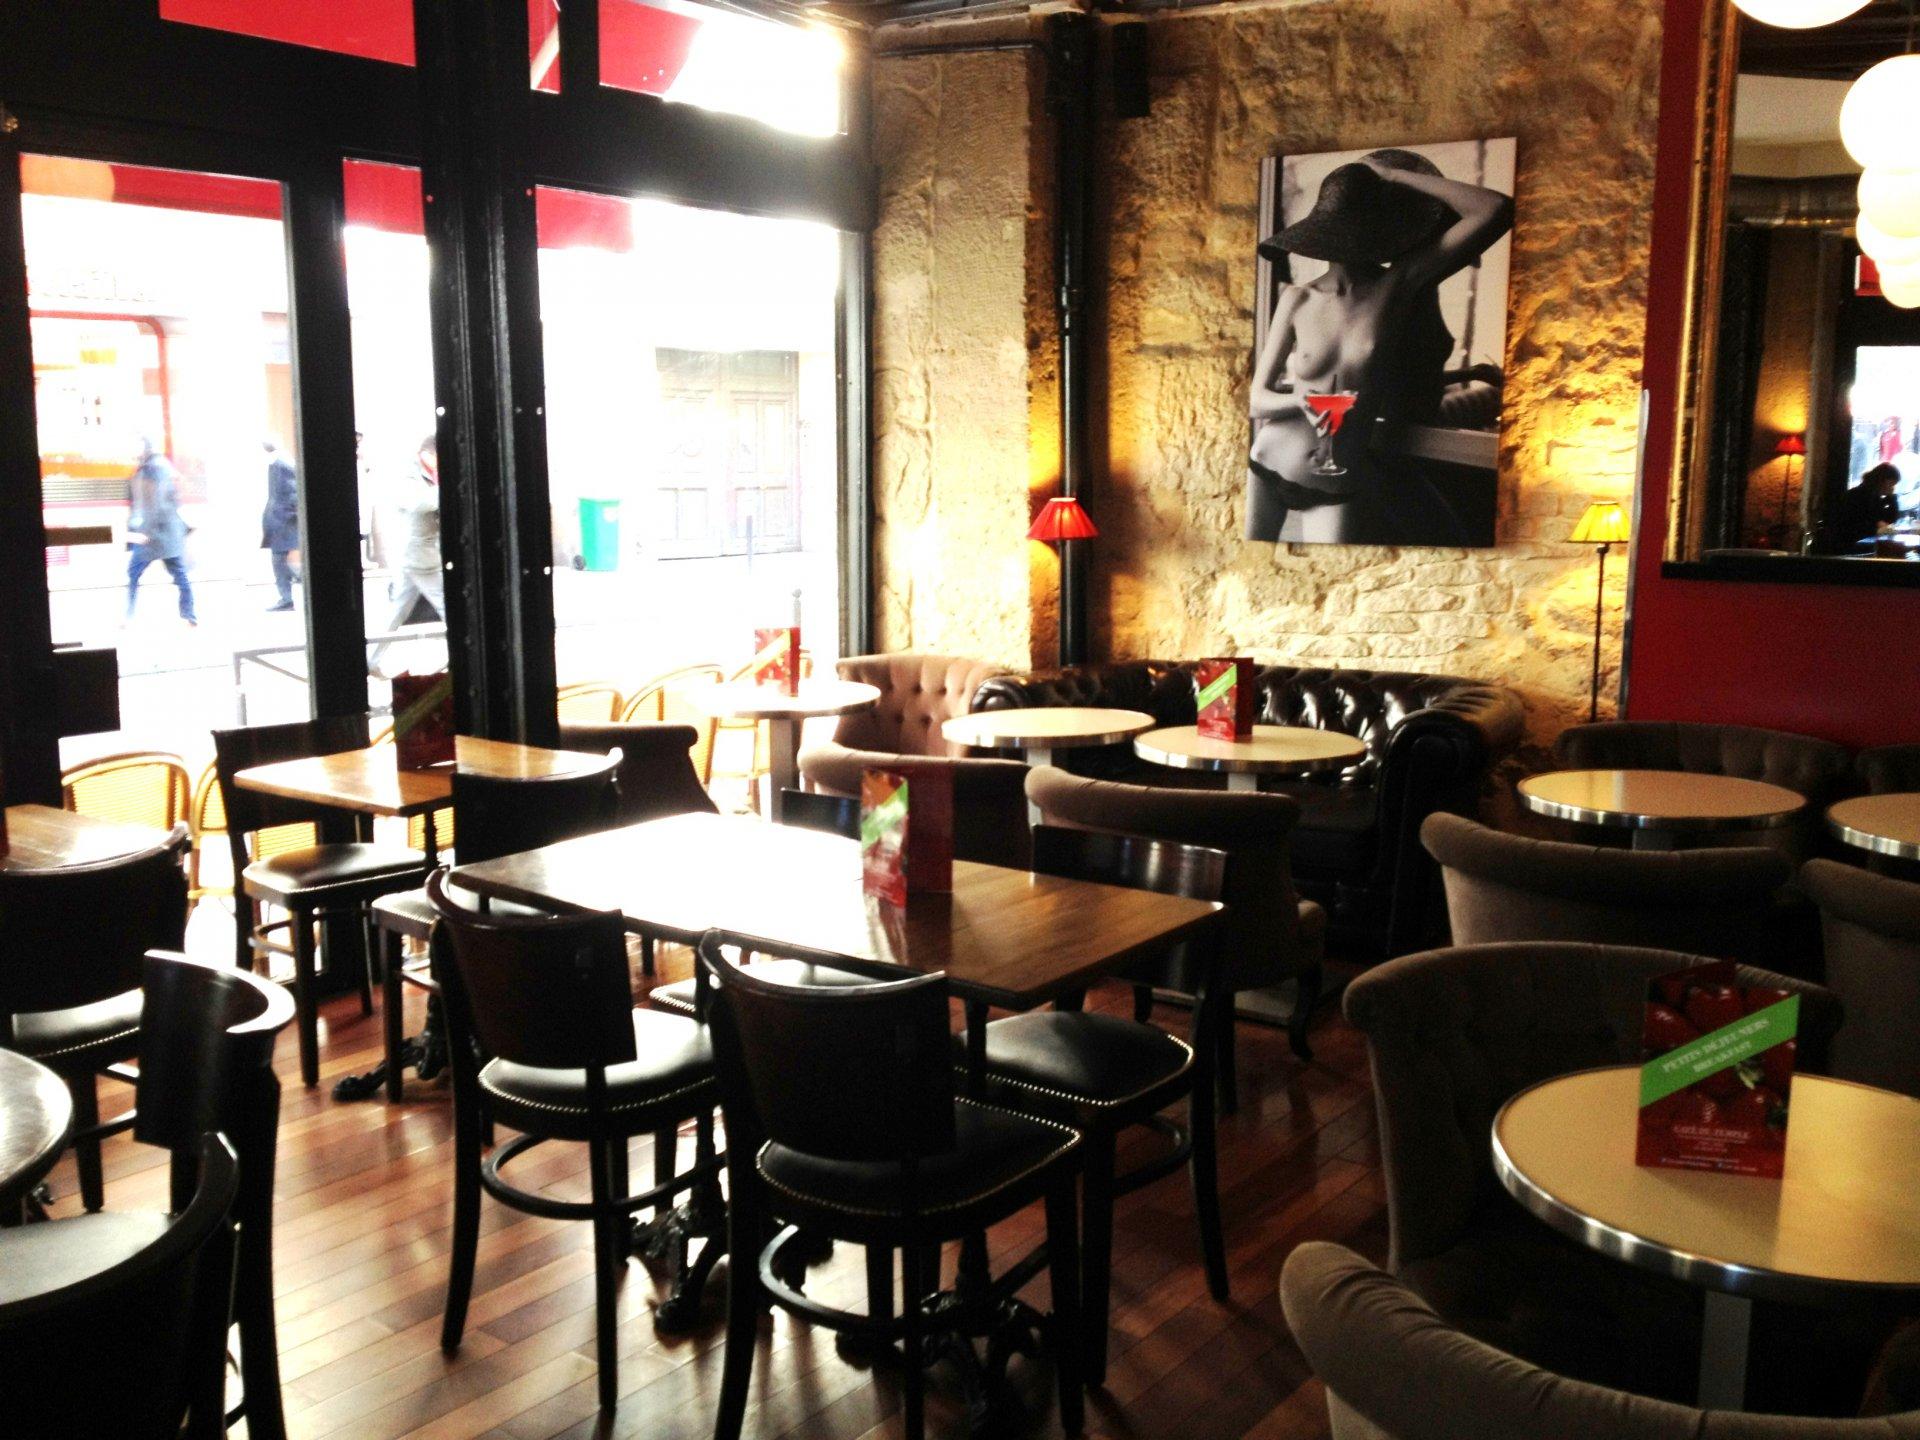 Repas entreprise dans un lieu moderne et cosy à Paris 11 restaurant groupe Paris 11